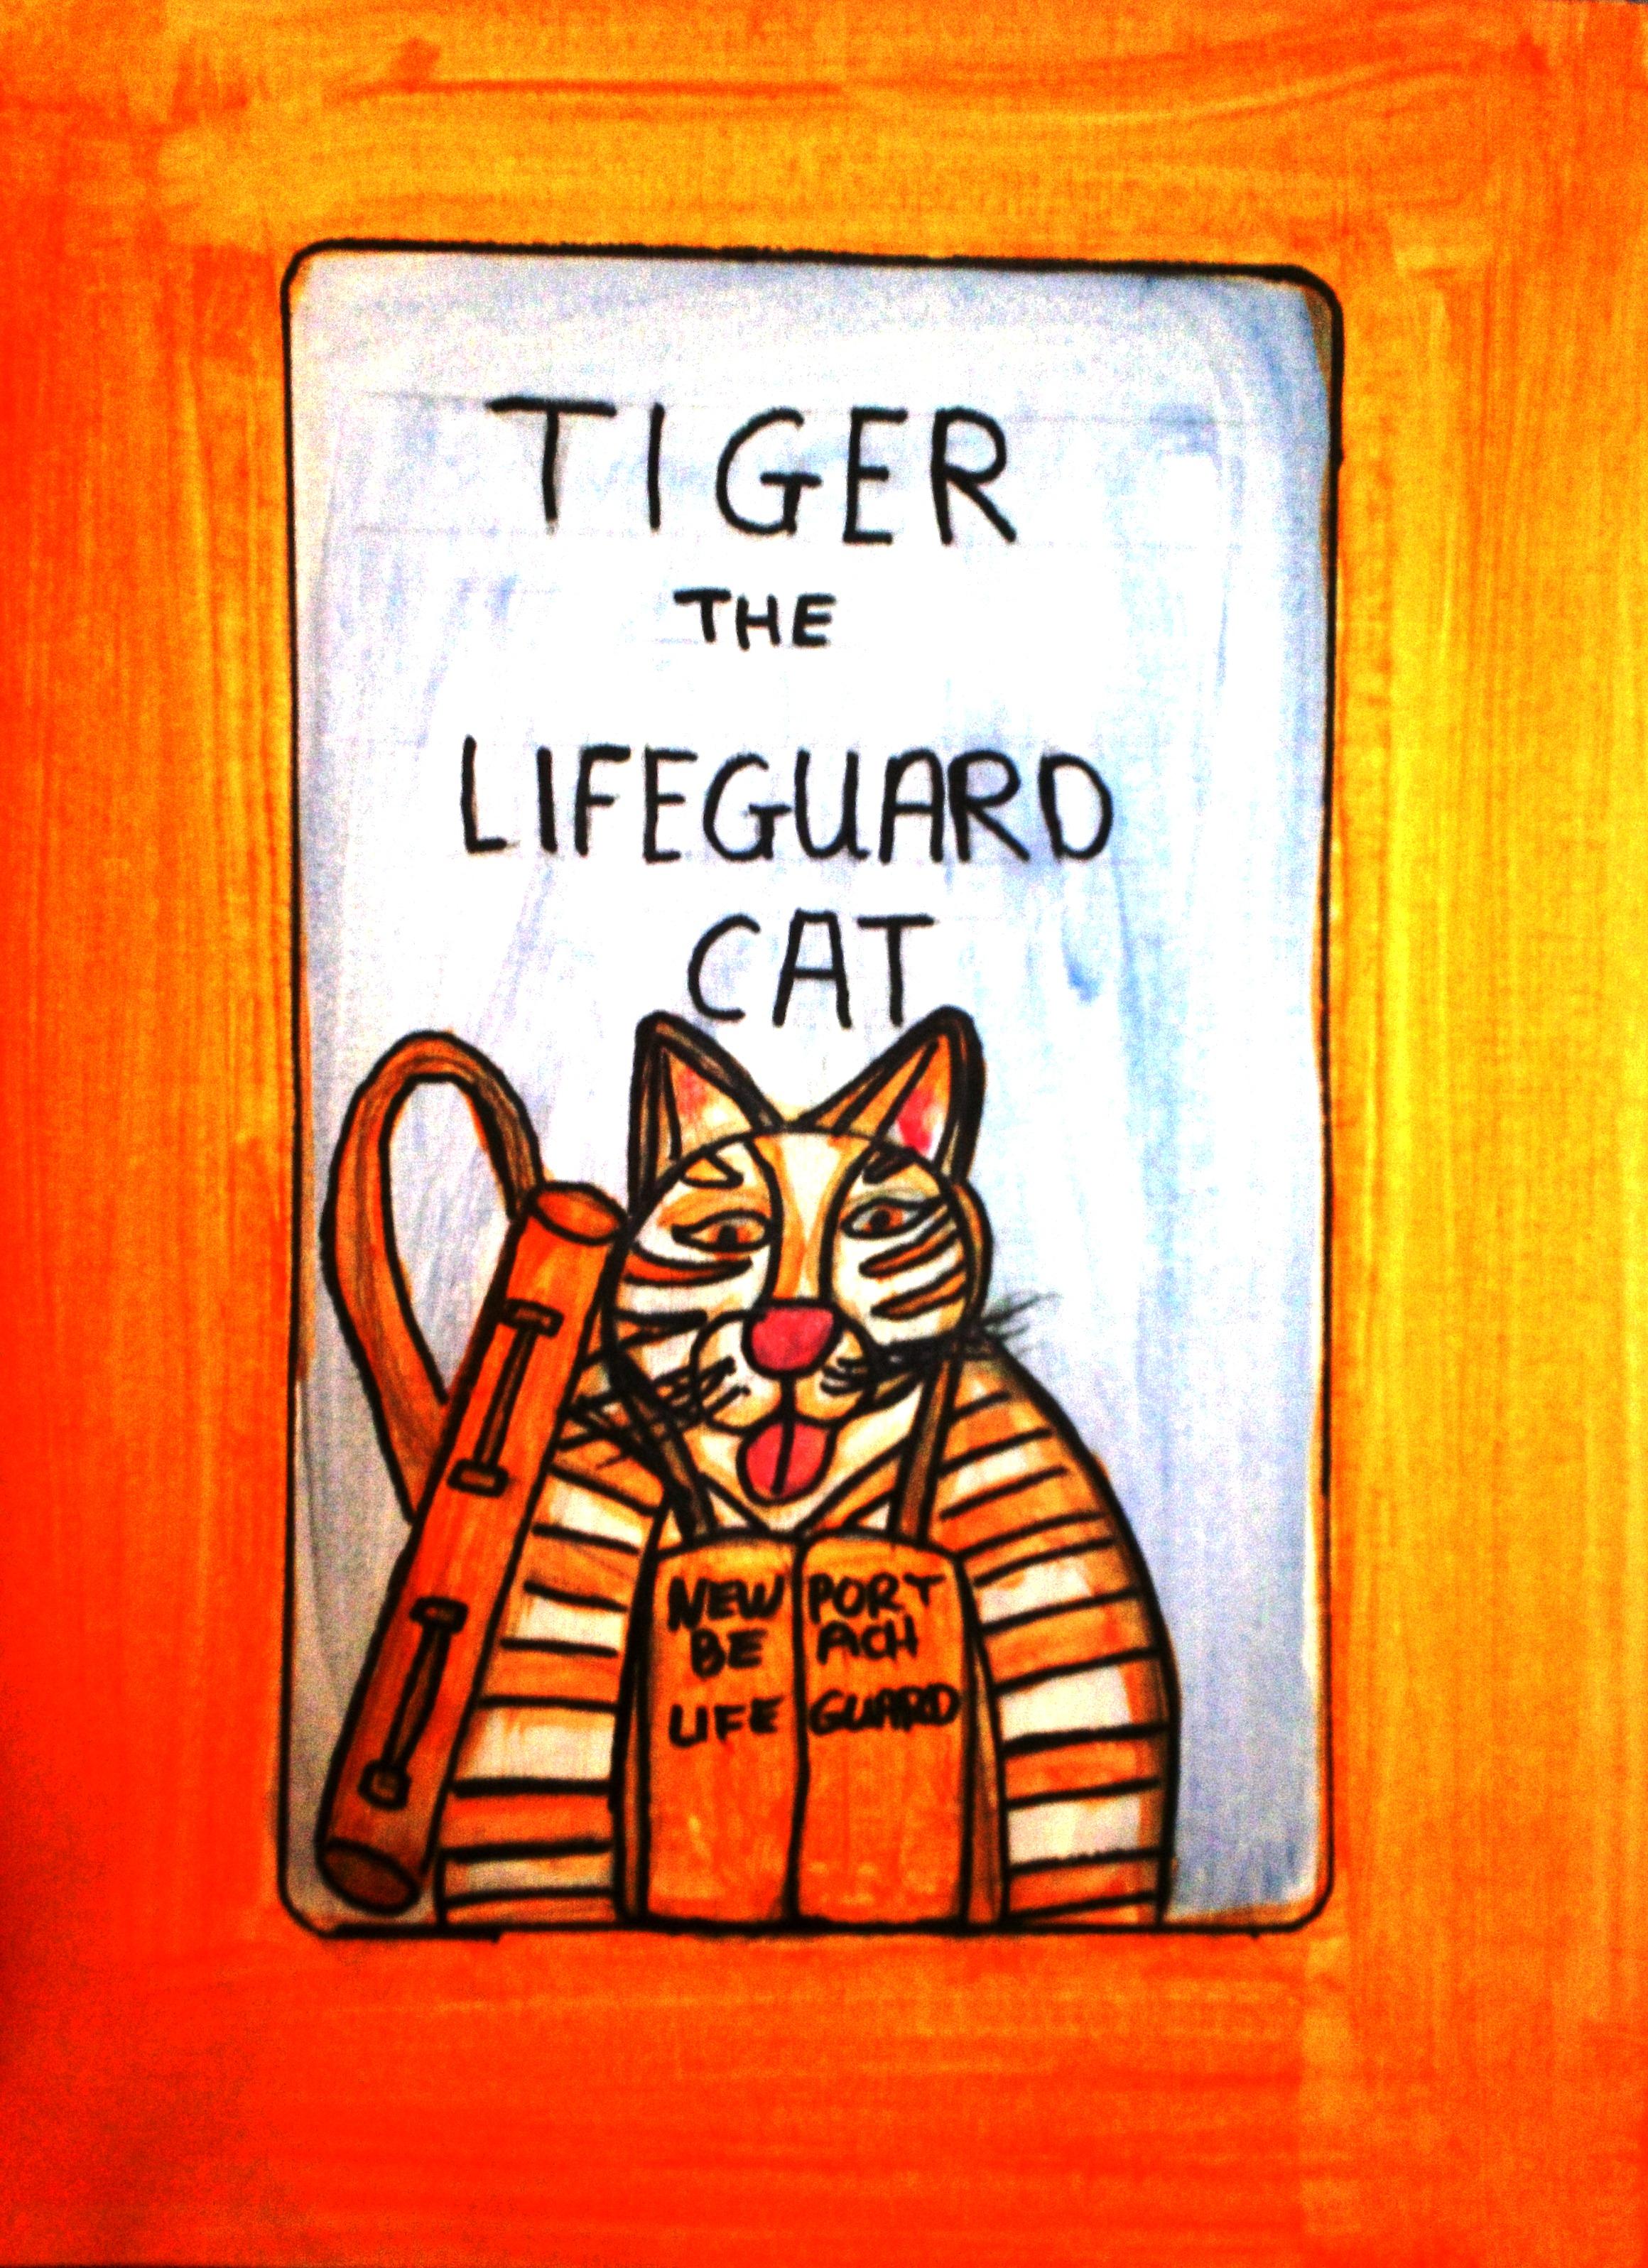 Tiger the Lifeguard Cat